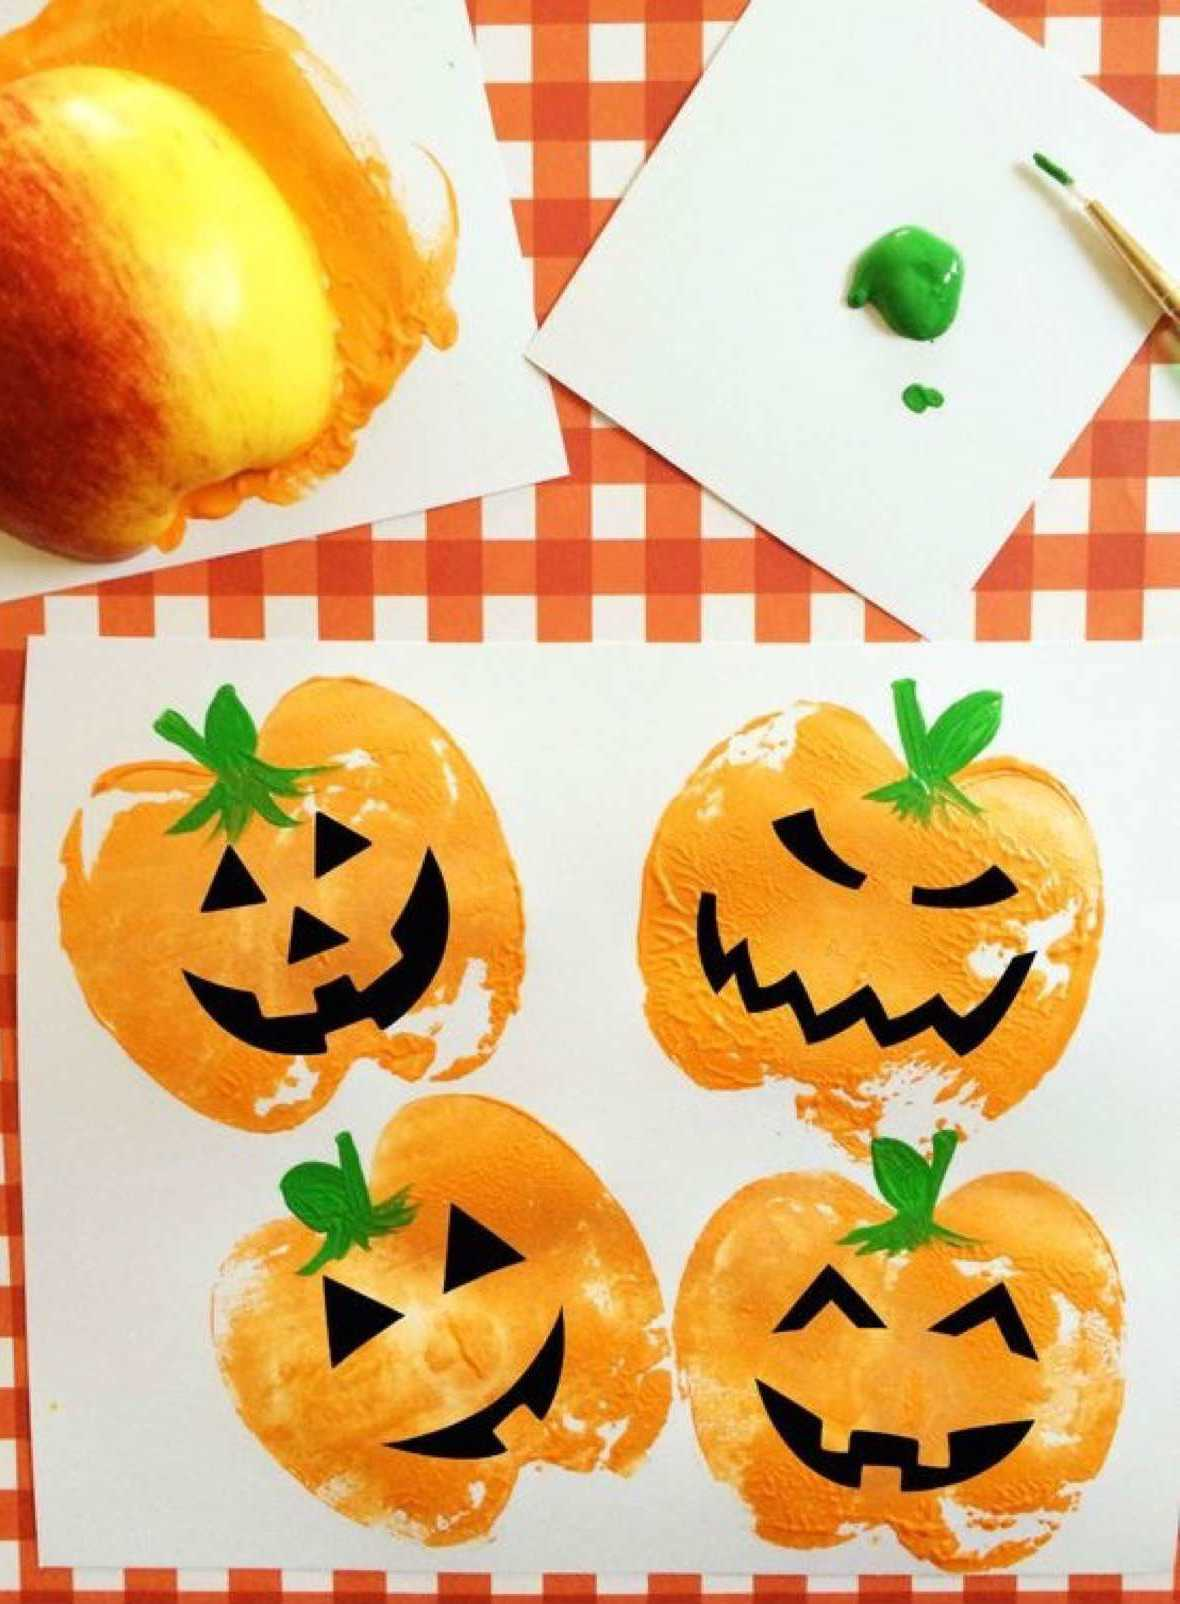 Manualidades infantiles de halloween para hacer en familia for Kindergarten bastelideen herbst